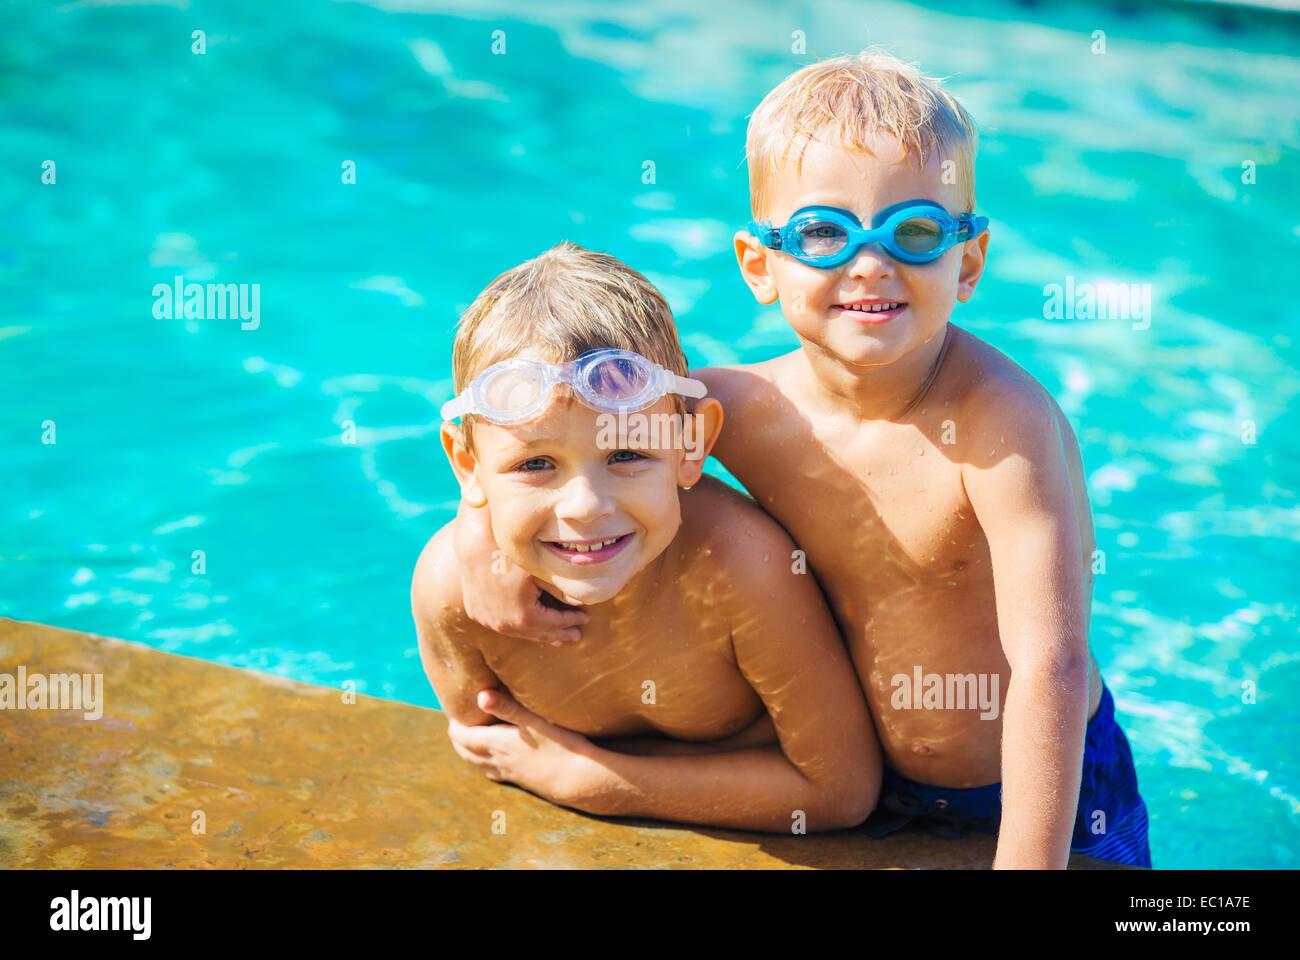 Dos adorables chicos a divertirse en la piscina. Divertidas vacaciones de verano. Imagen De Stock